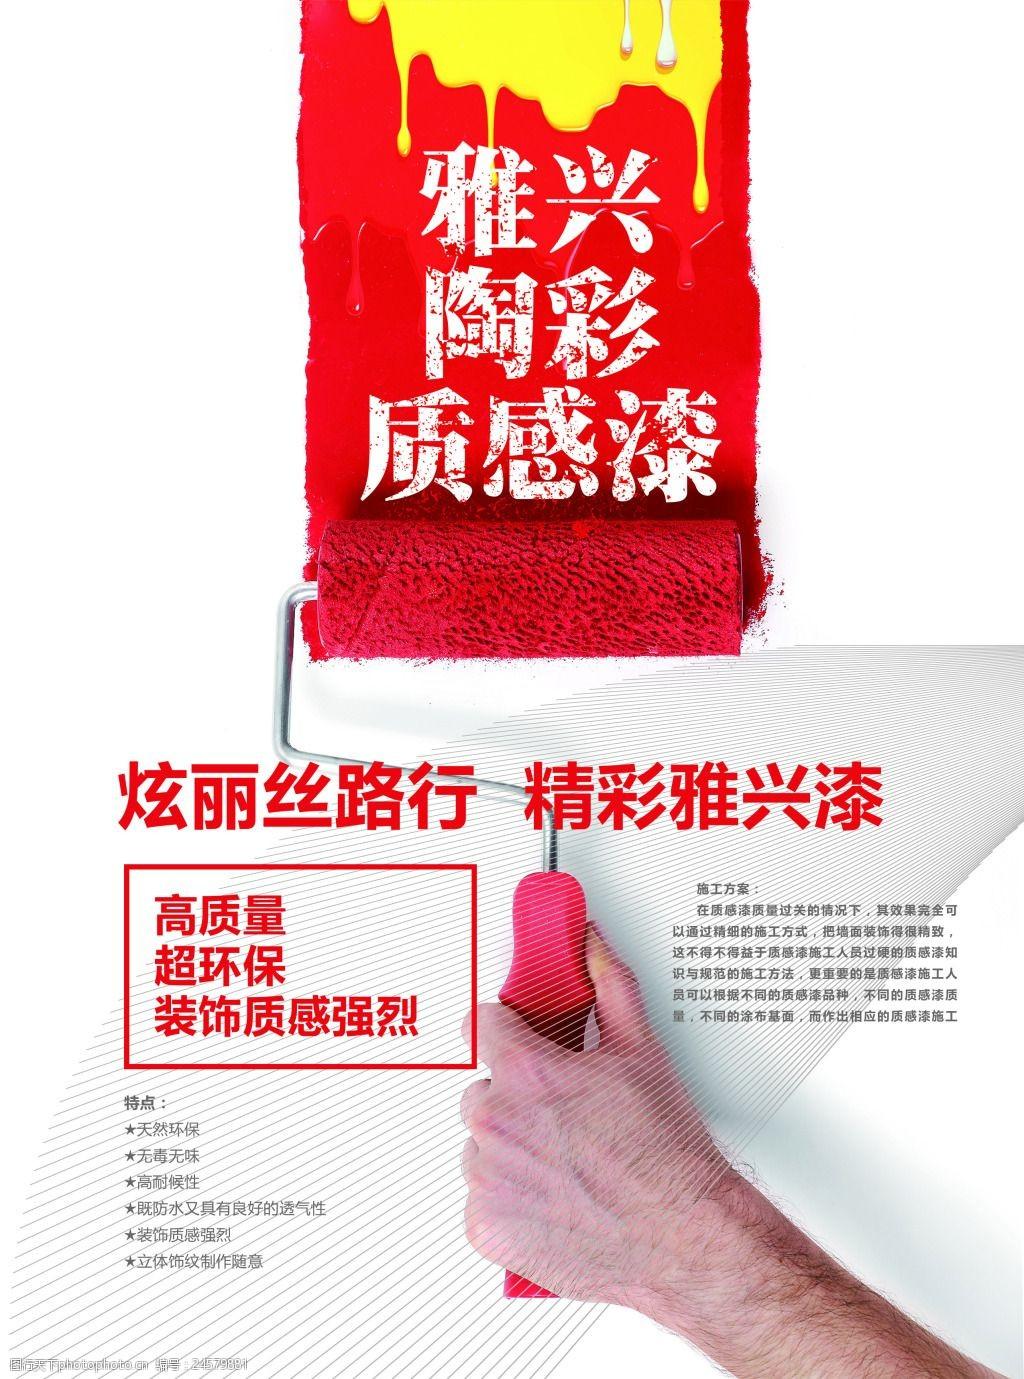 乳胶漆包装桶_质感漆宣传海报图片-图行天下素材网